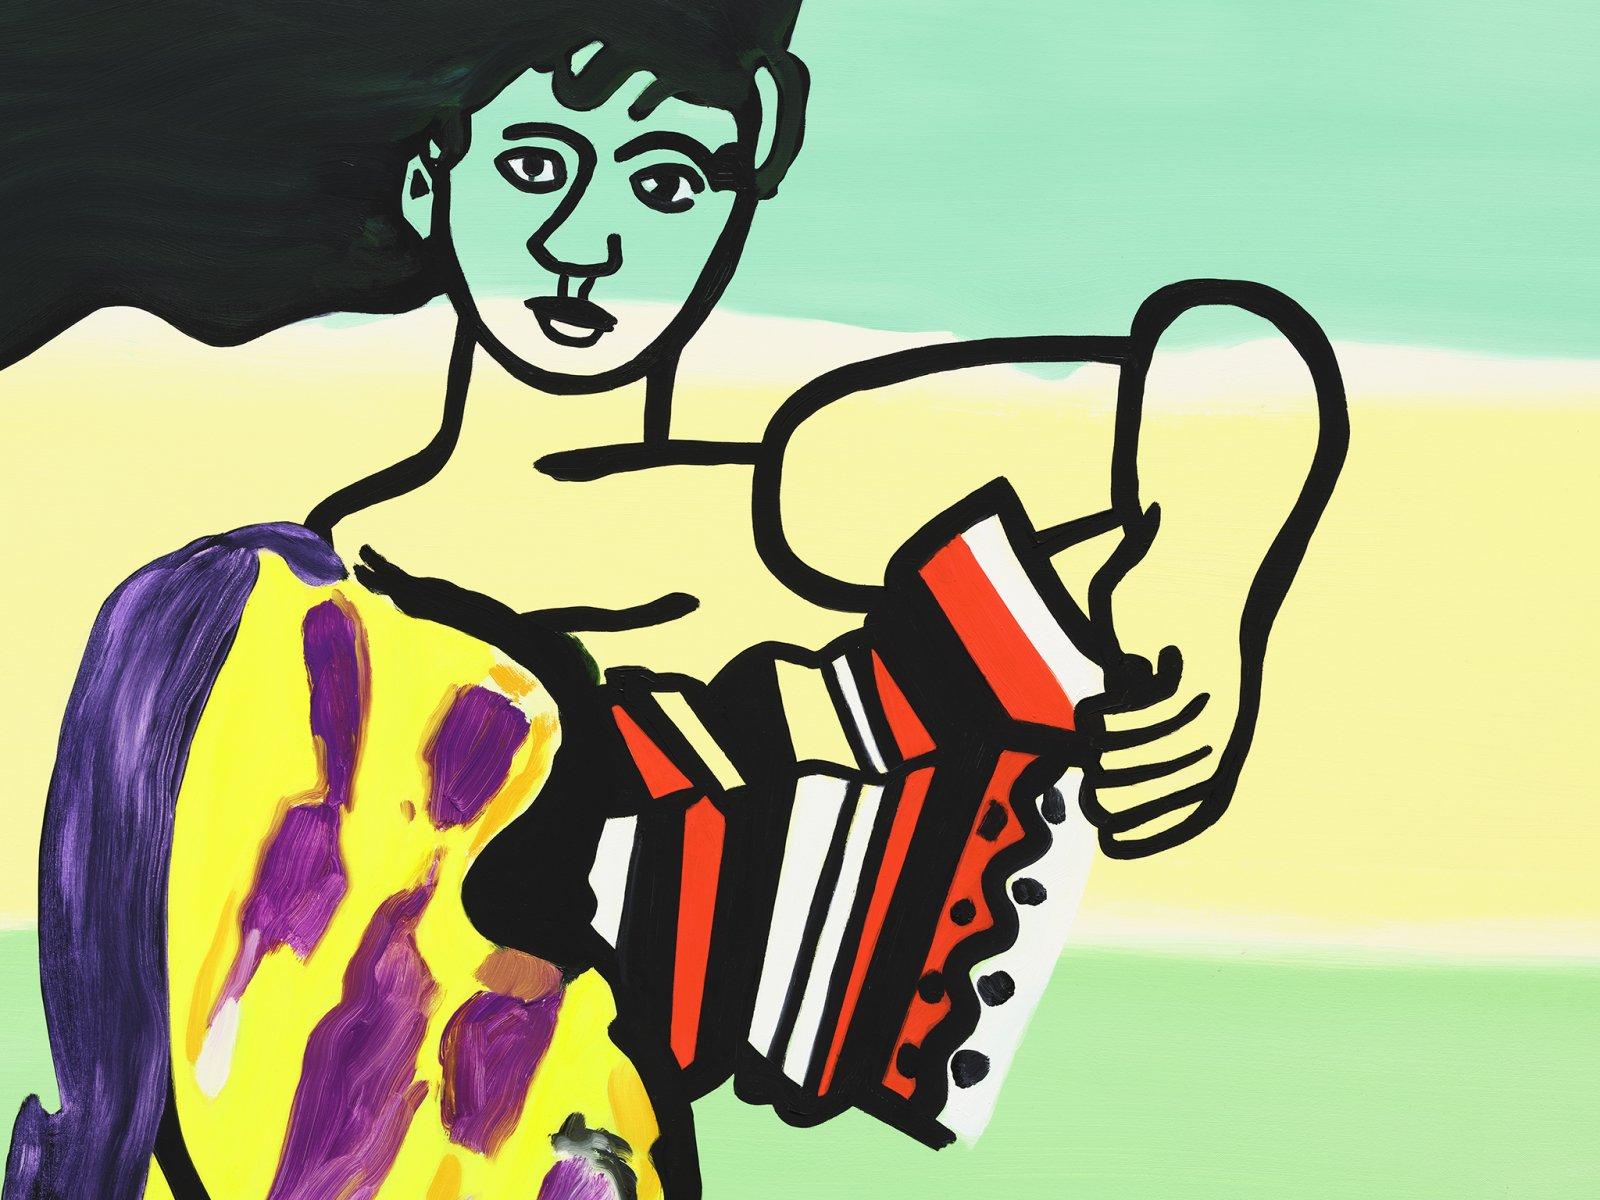 Elizabeth McIntosh, The Accordion Player (detail), 2020, oil on canvas, 69 x 62 in. (175 x 158 cm) by Elizabeth McIntosh